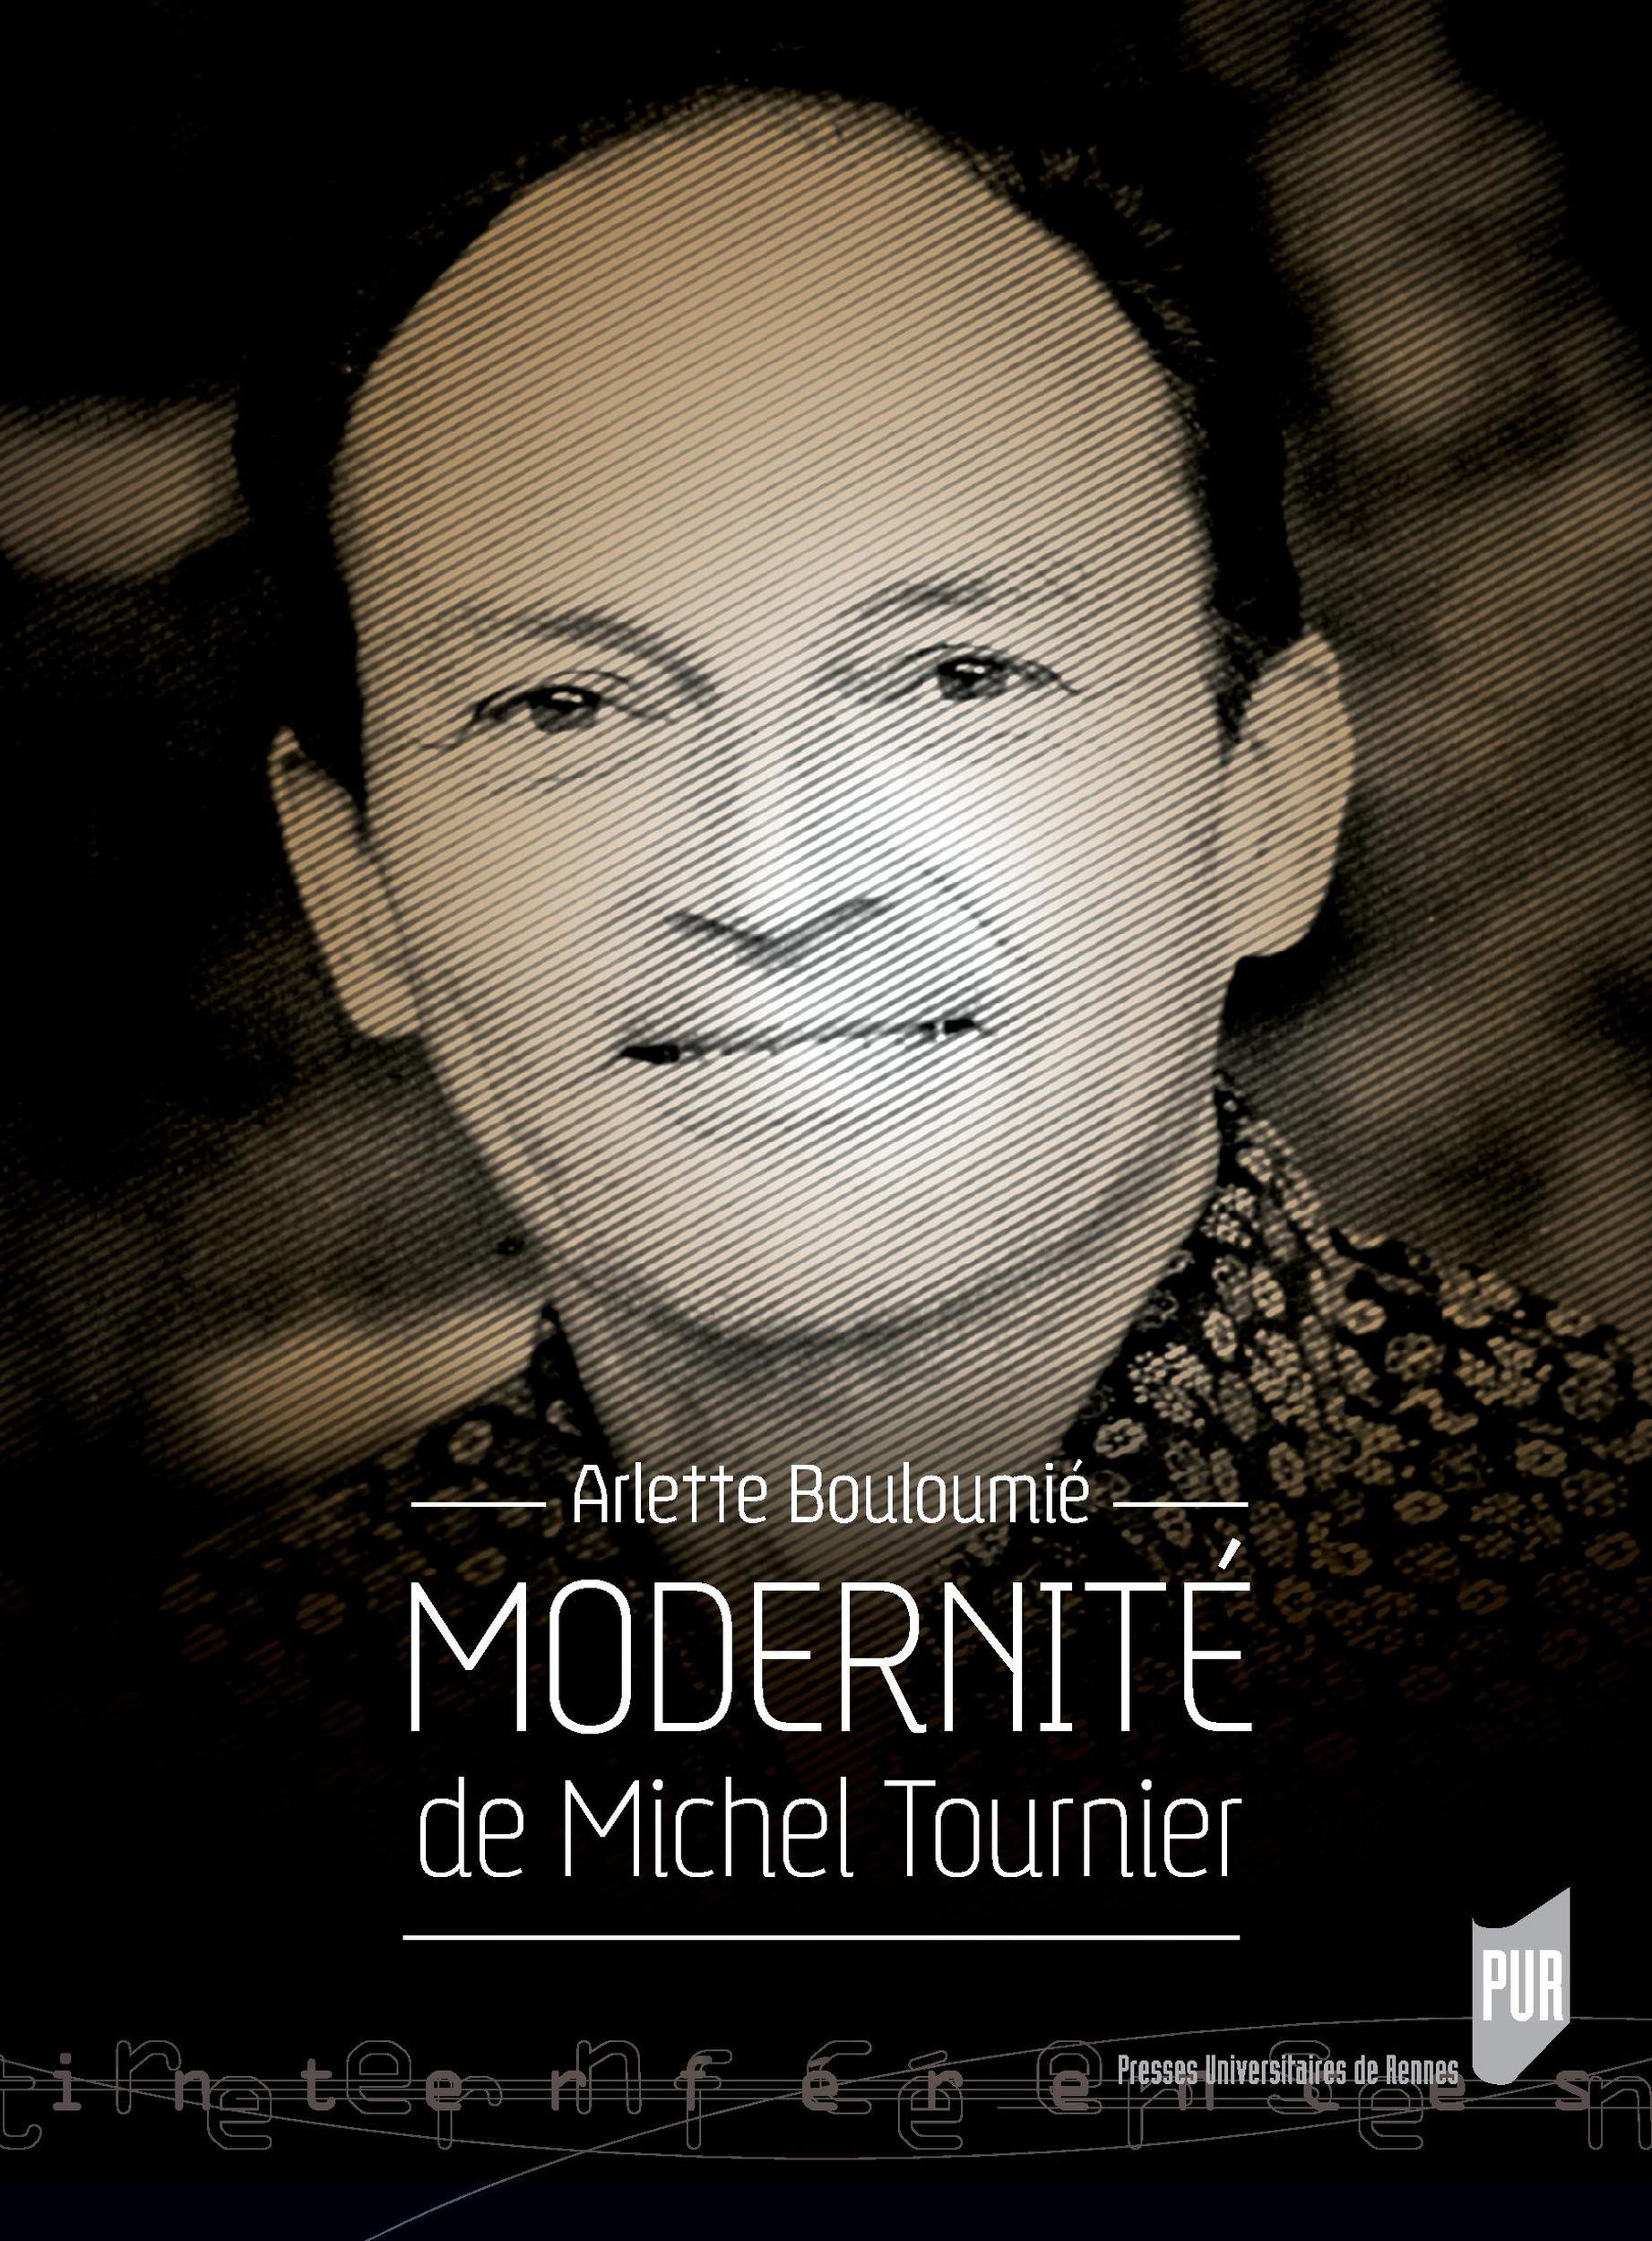 Modernité de Michel Tournier  - Arlette Bouloumié